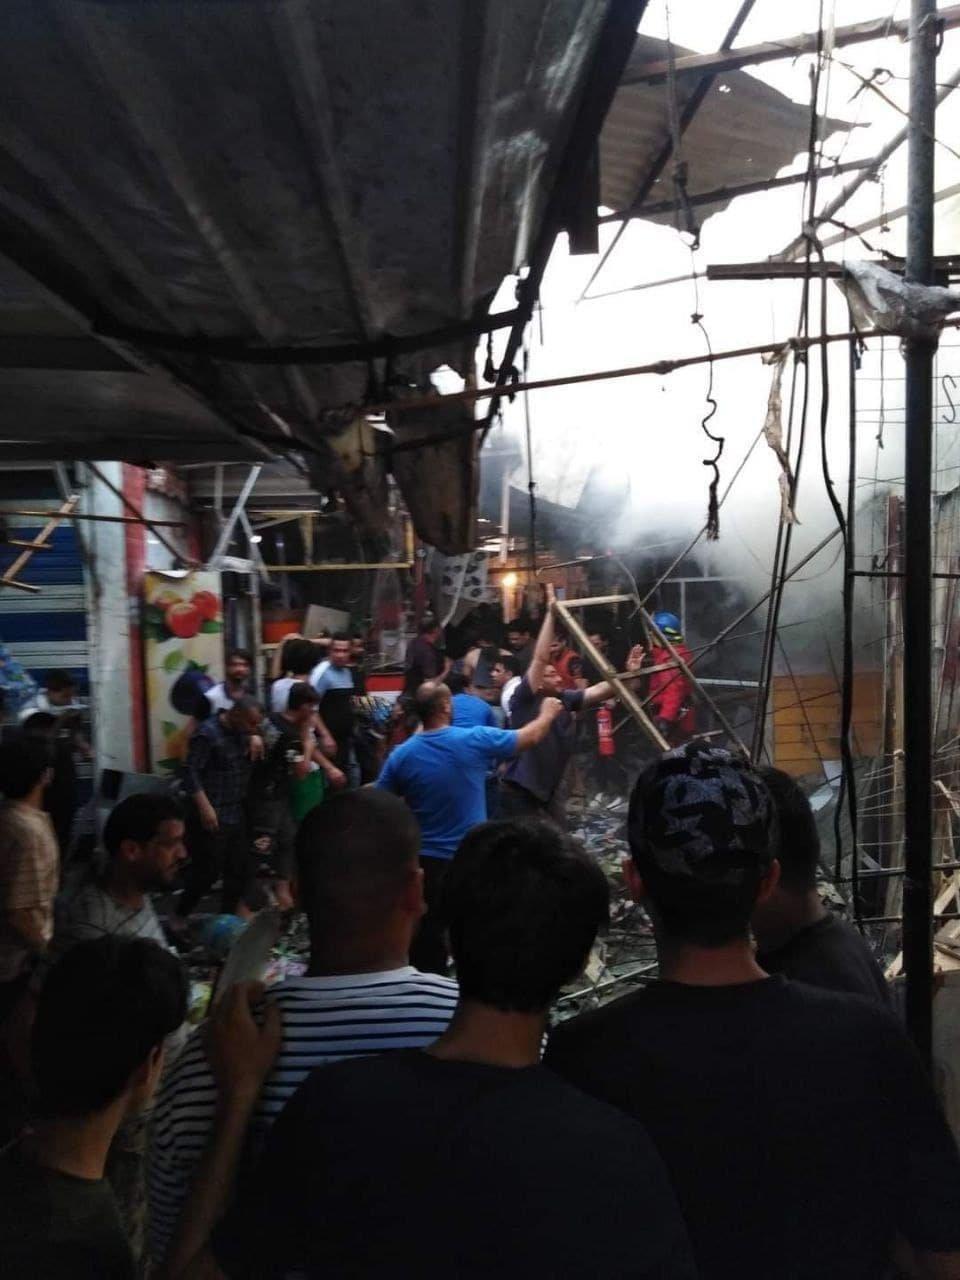 URGENTE: GRANDE EXPLOSÃO EM MERCADO DE BAGDÁ DEIXA VÁRIOS MORTOS E FERIDOS, VEJA IMAGENS